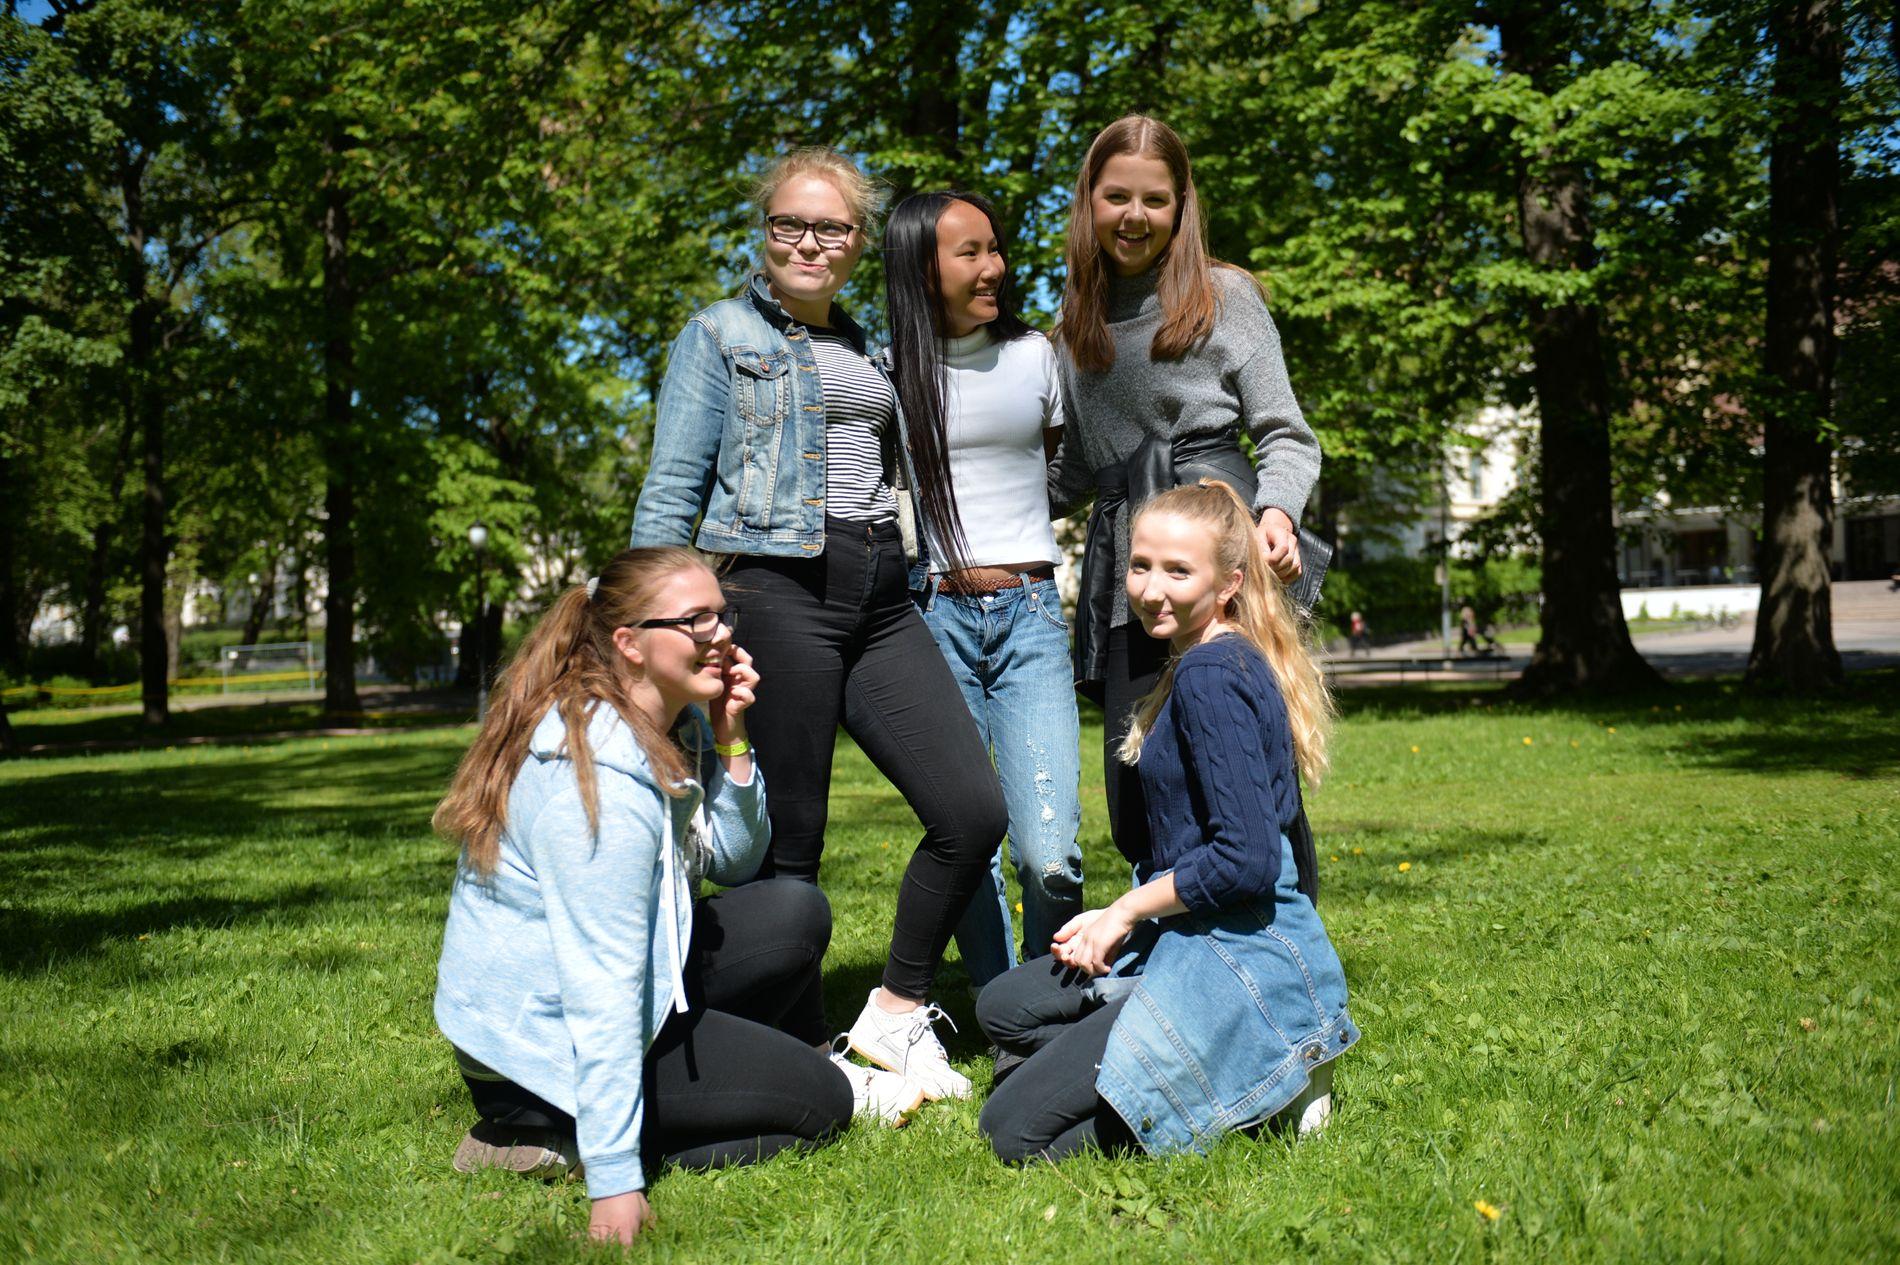 BÅDE PRESS OG ANERKJENNELSE: Det er flere grunner til at flere unge sender intime bilder av seg selv, mener (bak f.v.) Tuva (14), Jenny (14), Rebekka (15), (foran f.v.), Martine (15) og Marte (14).